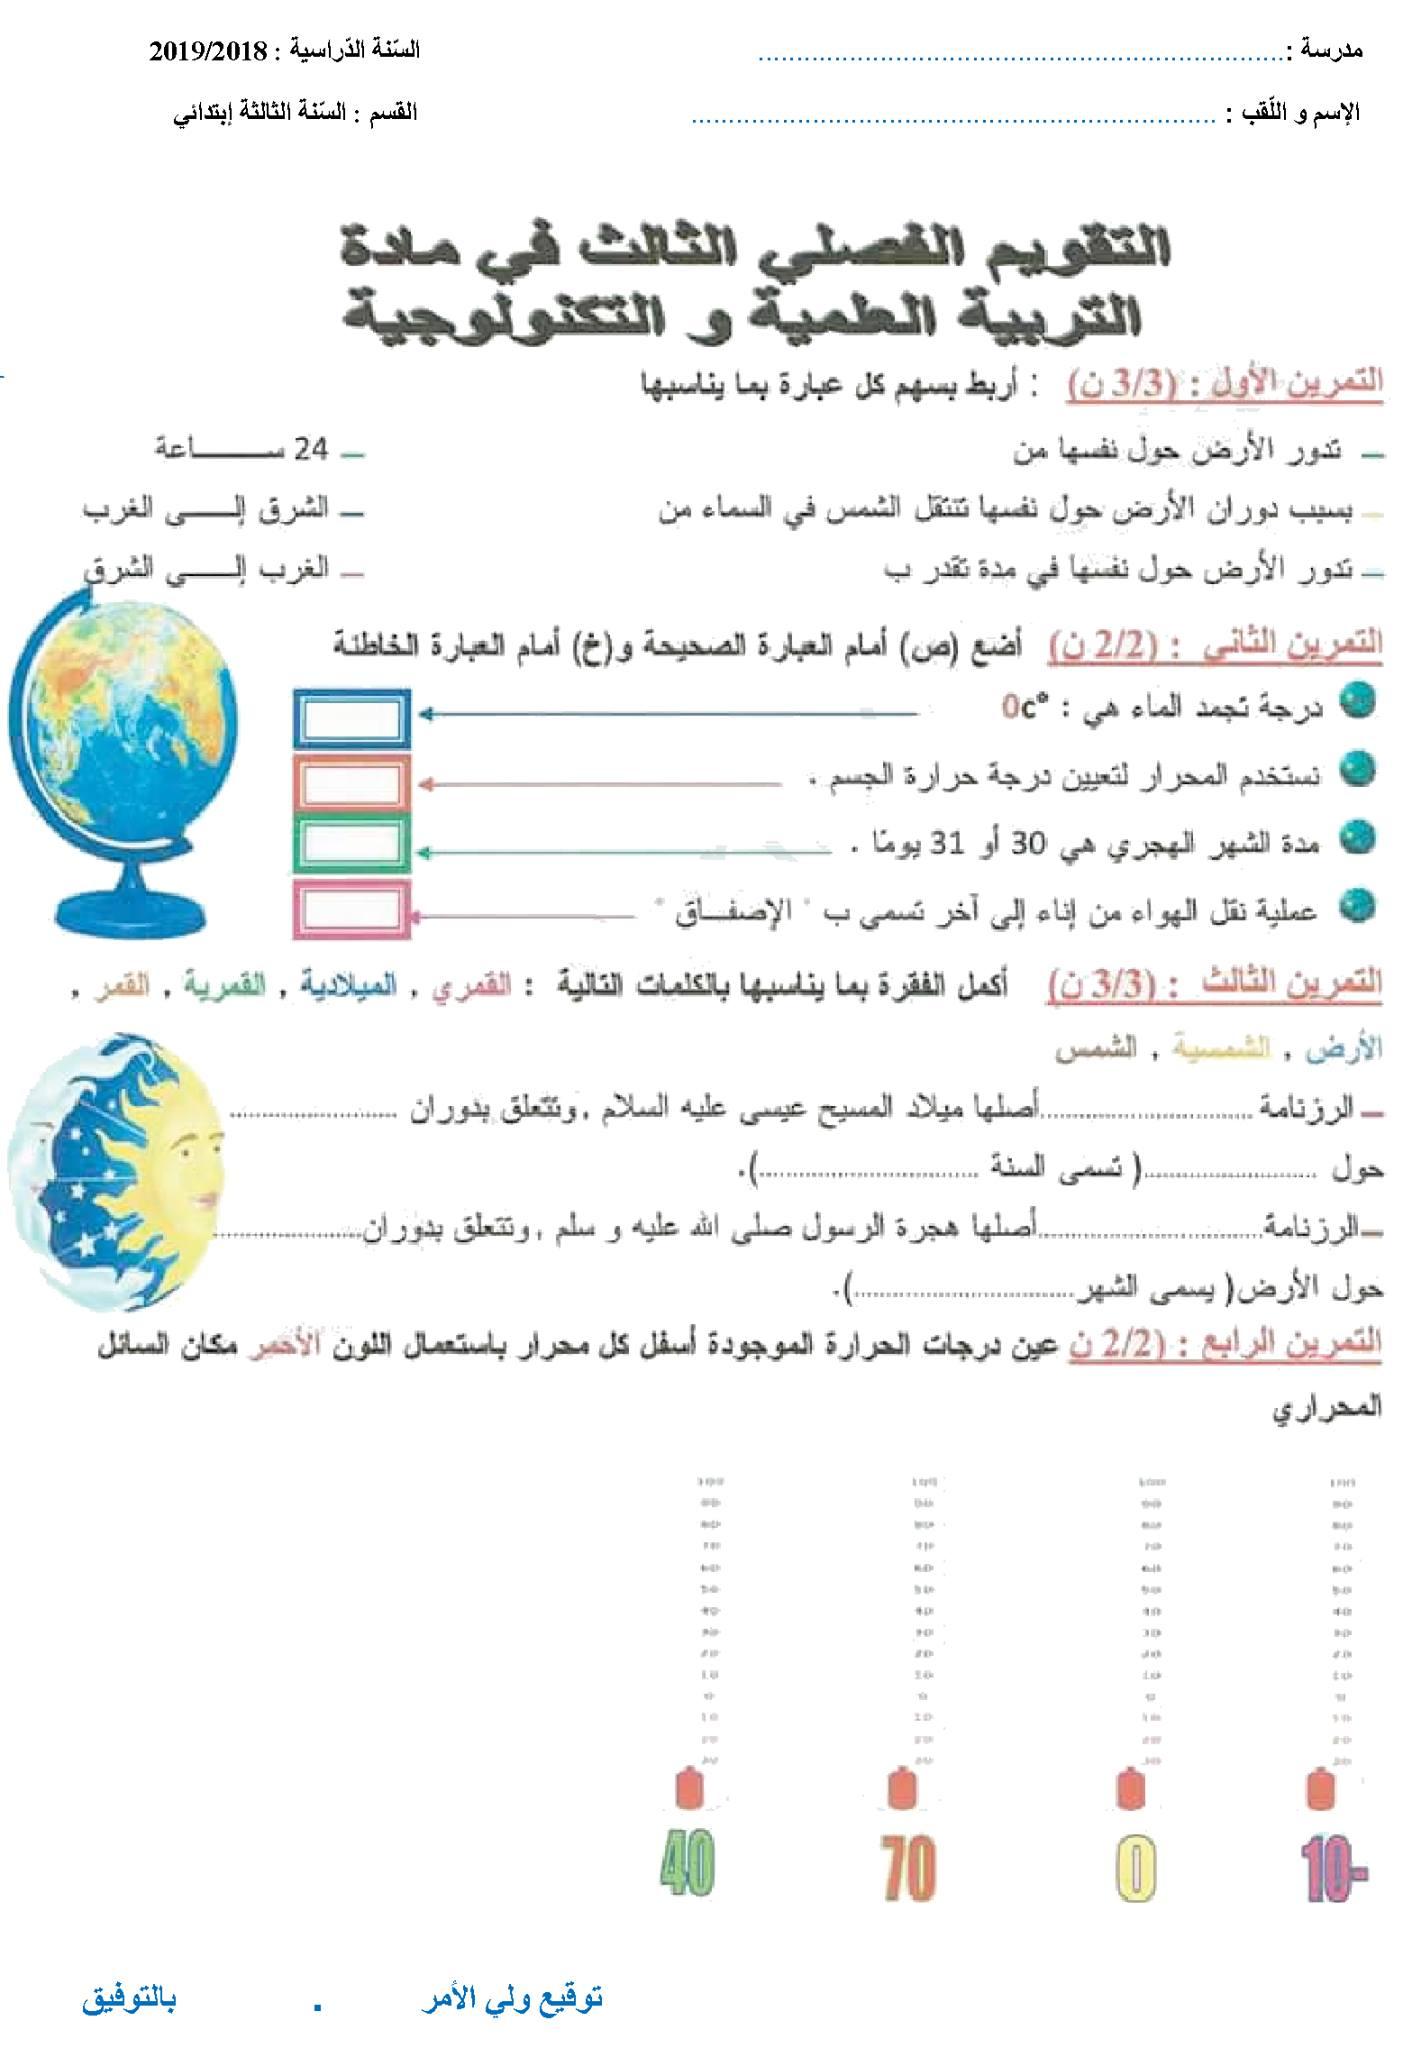 اختبار الفصل الثالث في التربية العلمية | السنة الثالثة ابتدائي | الموضوع 01